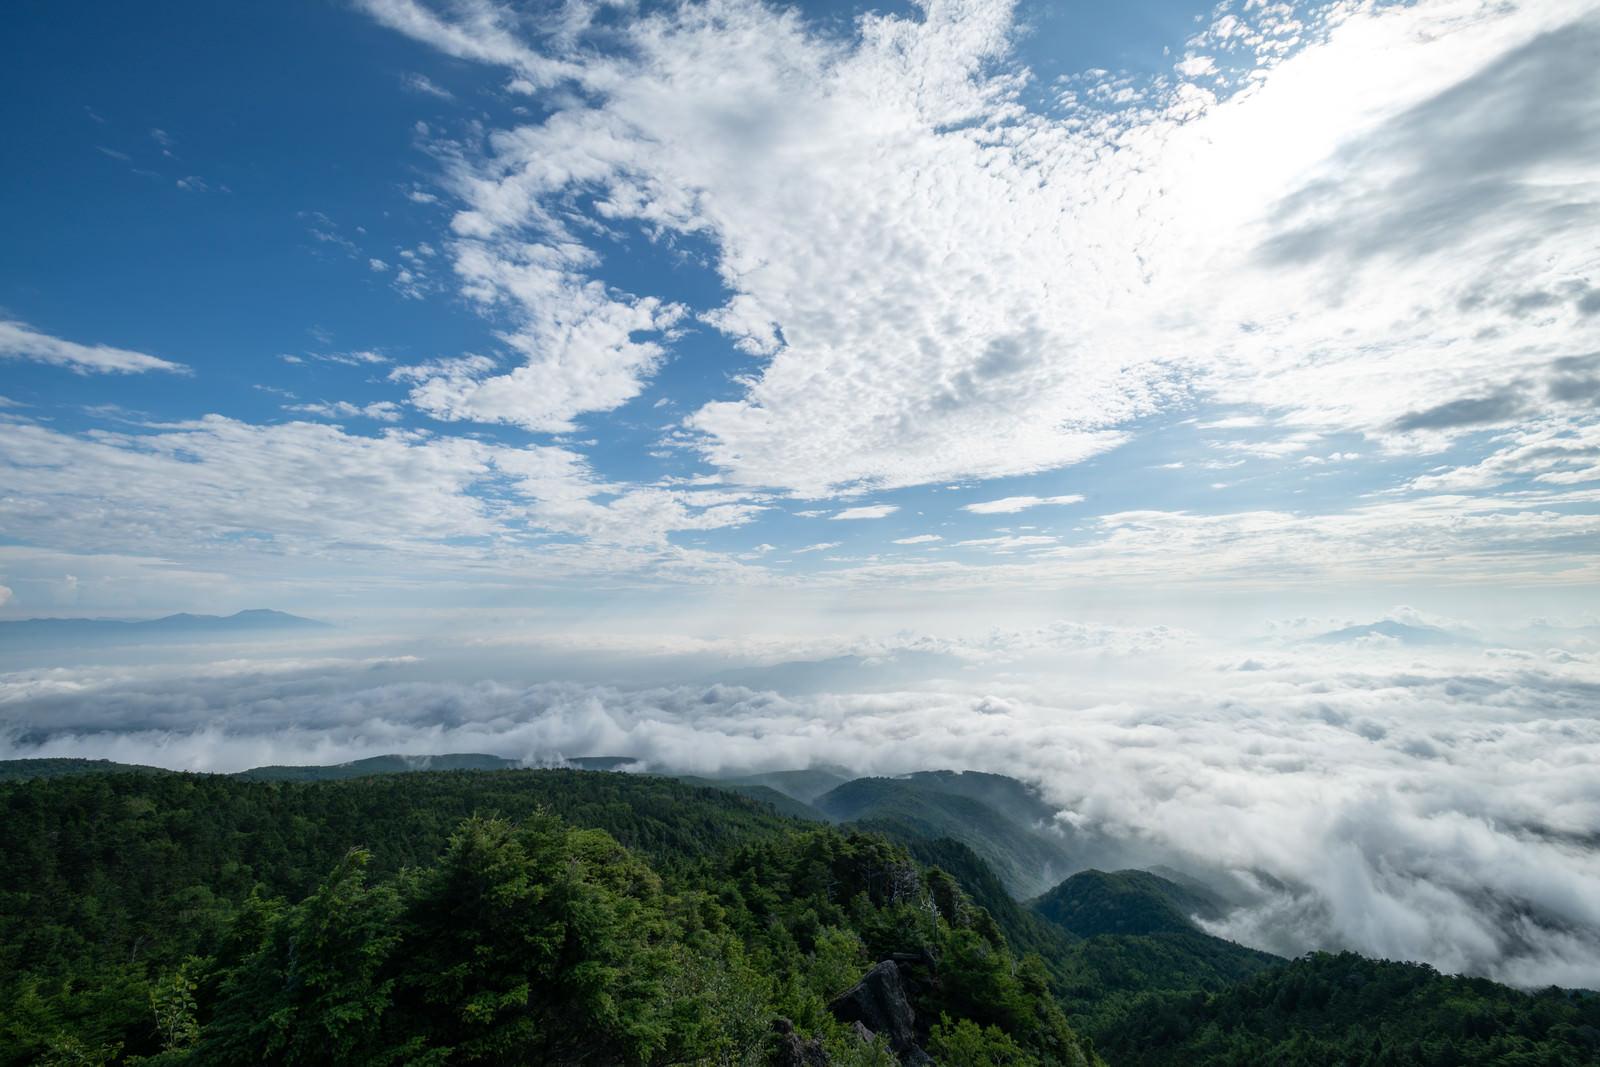 「にゅうから望む白駒の森と雲海」の写真